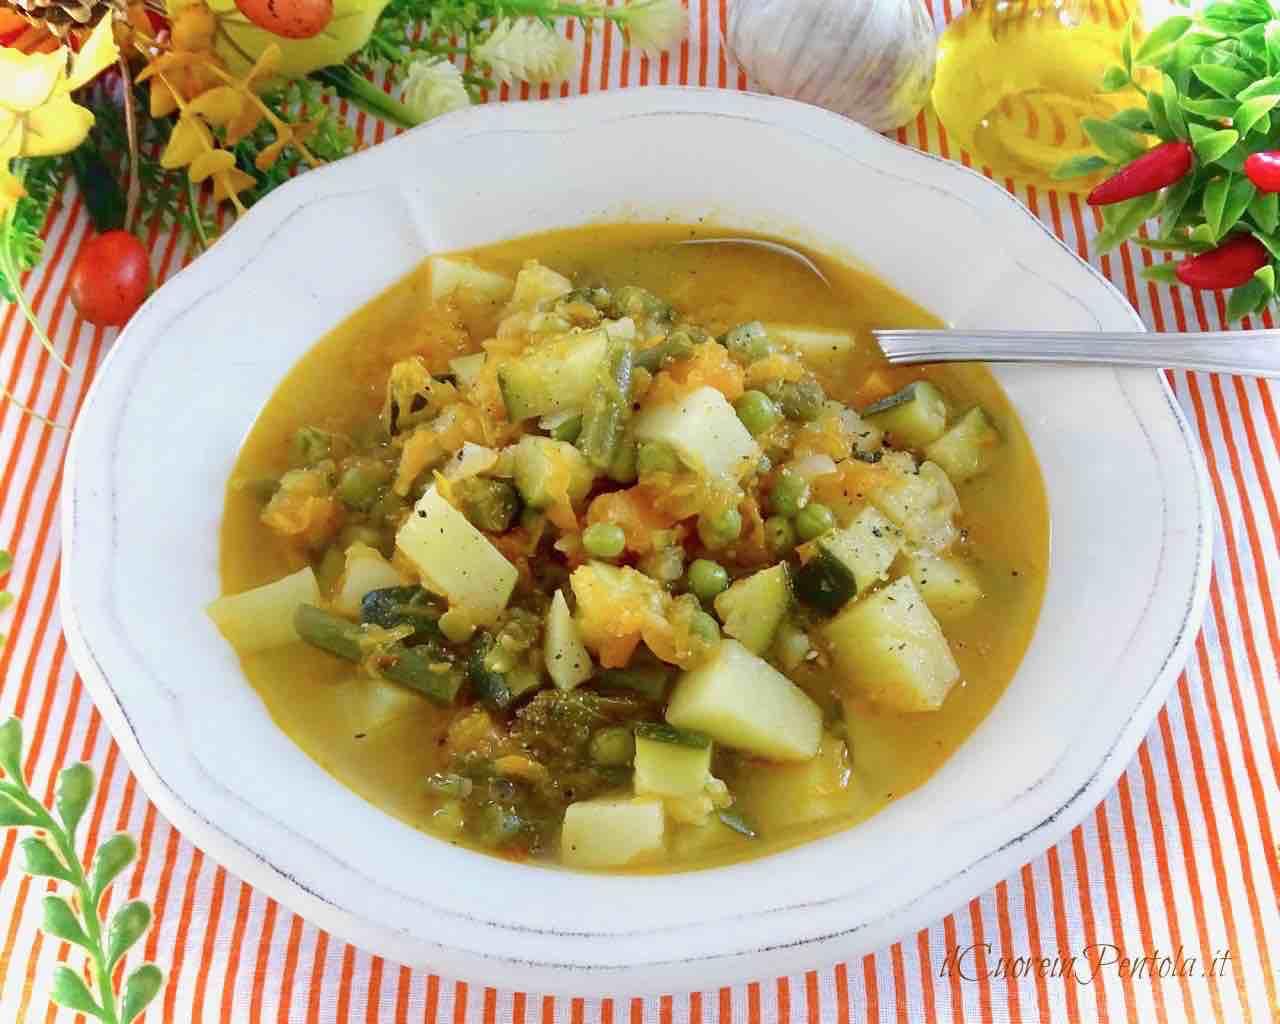 Dieta Settimanale Equilibrata Per Dimagrire : La dieta del minestrone dimagrire con l aiuto delle verdure